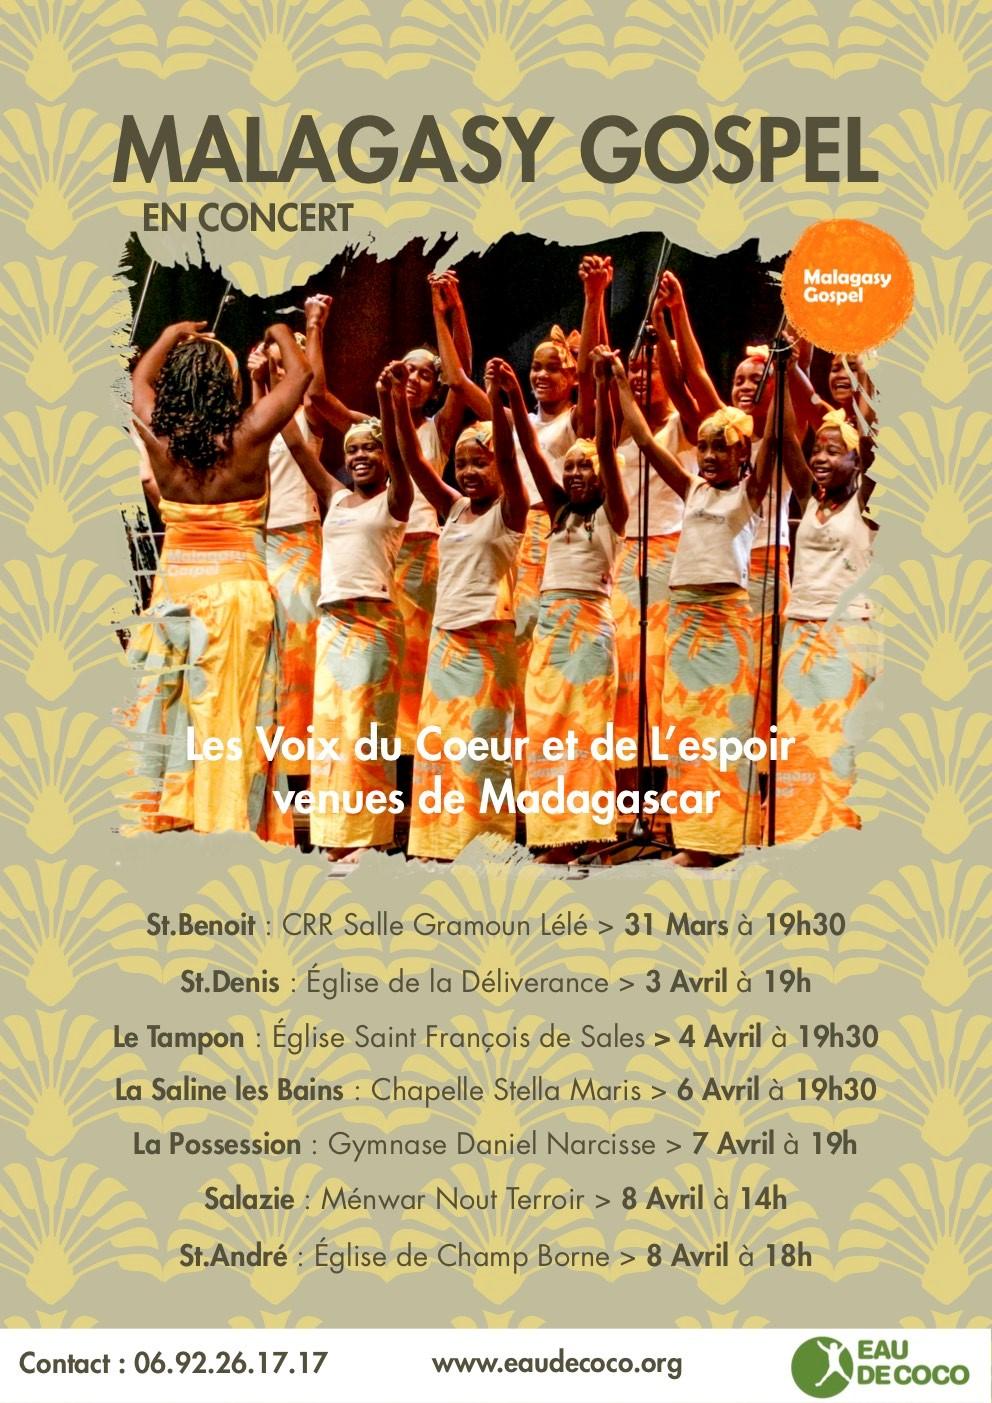 La Malagasy Gospel en concert pour la Réunion du 28 mars au 11 avril 2018